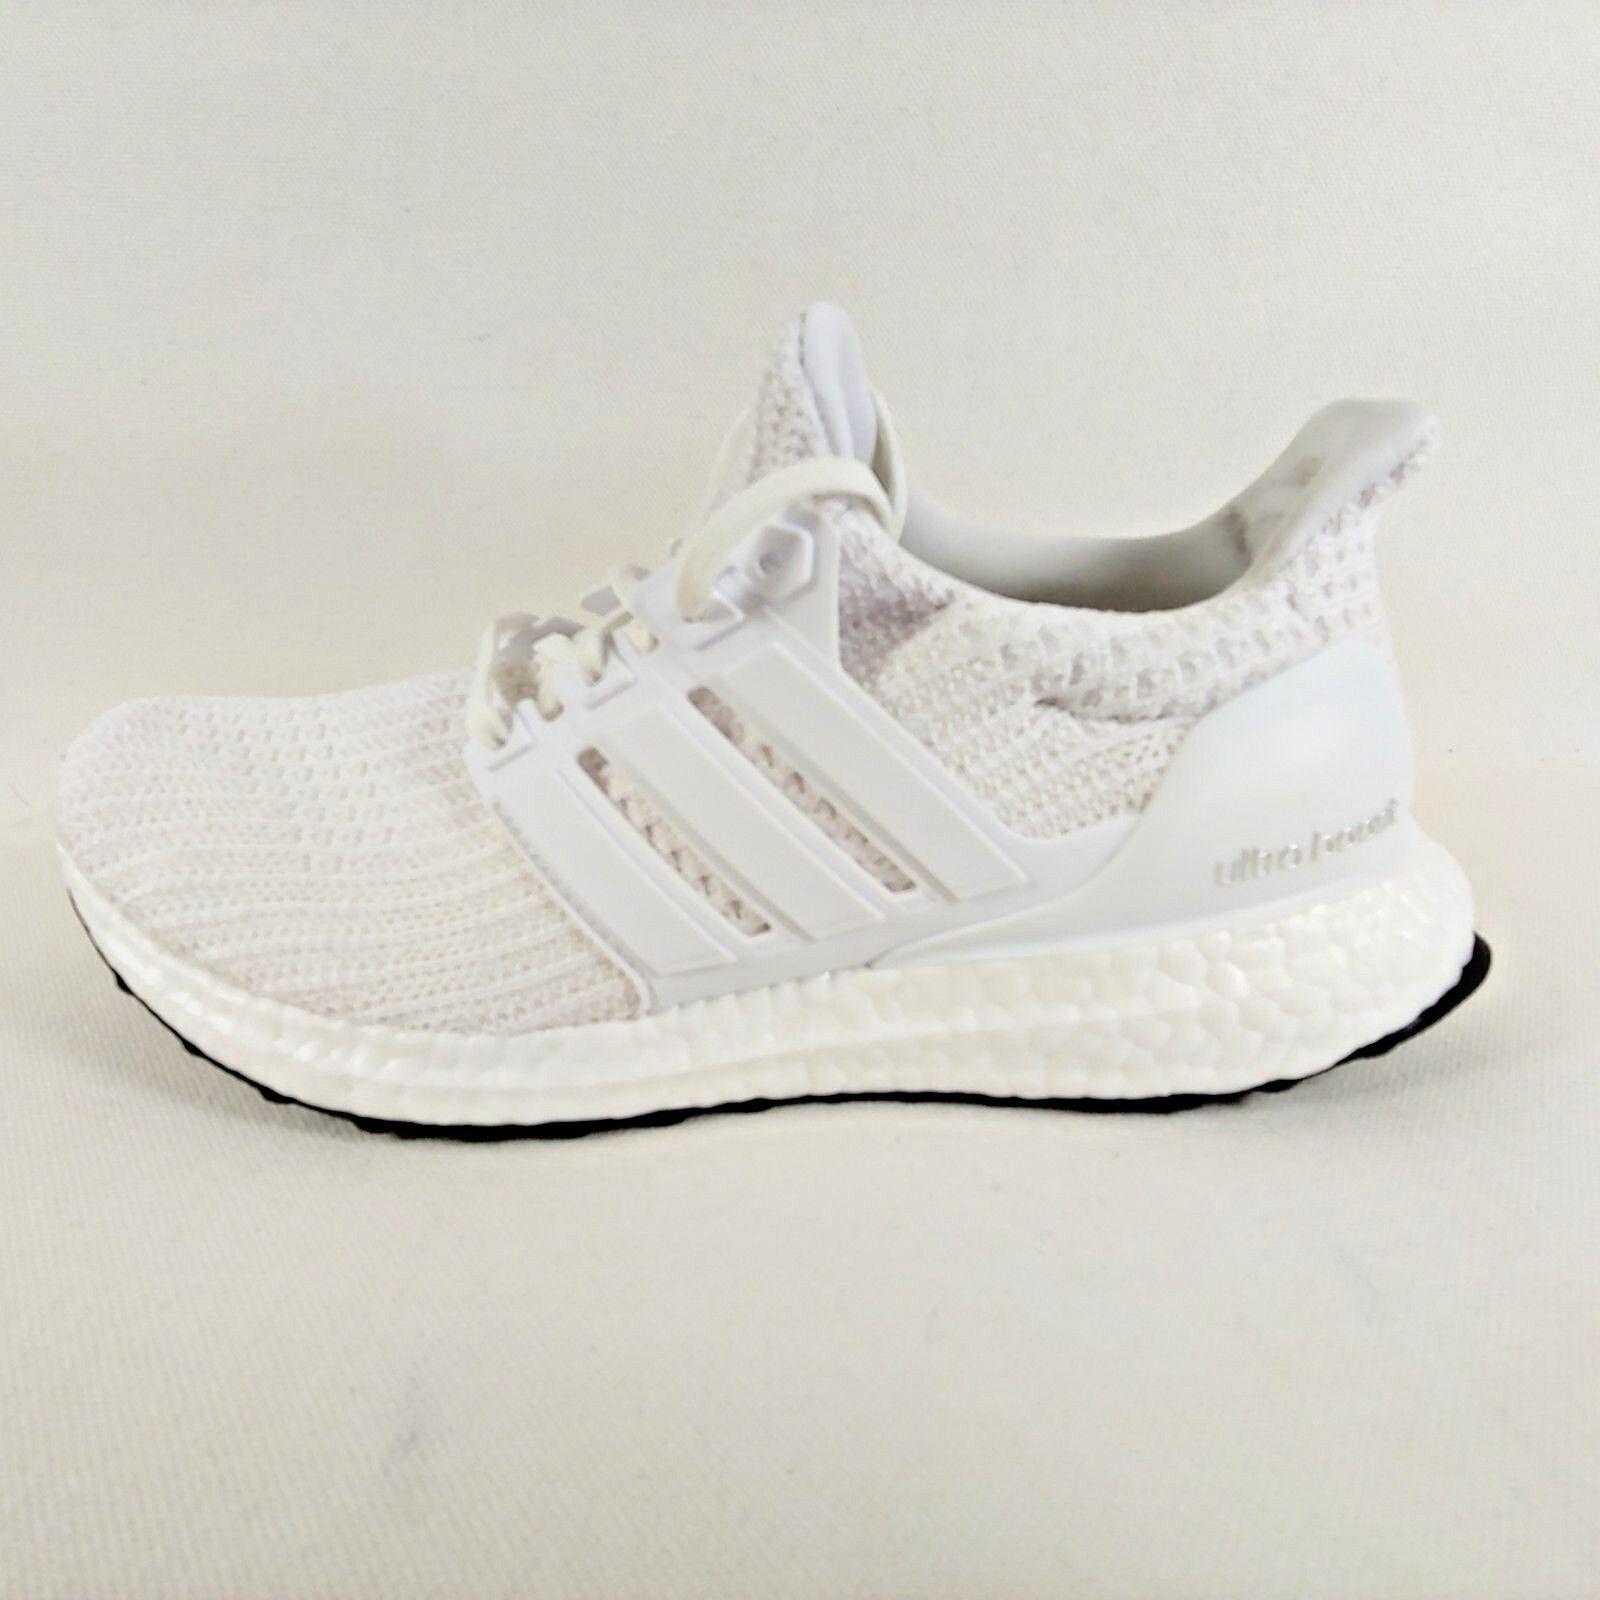 Adidas Ultra Boost 4.0 Triple Blanco Primeknit Correr Zapatillas Zapatillas Correr para hombre 4f7d64